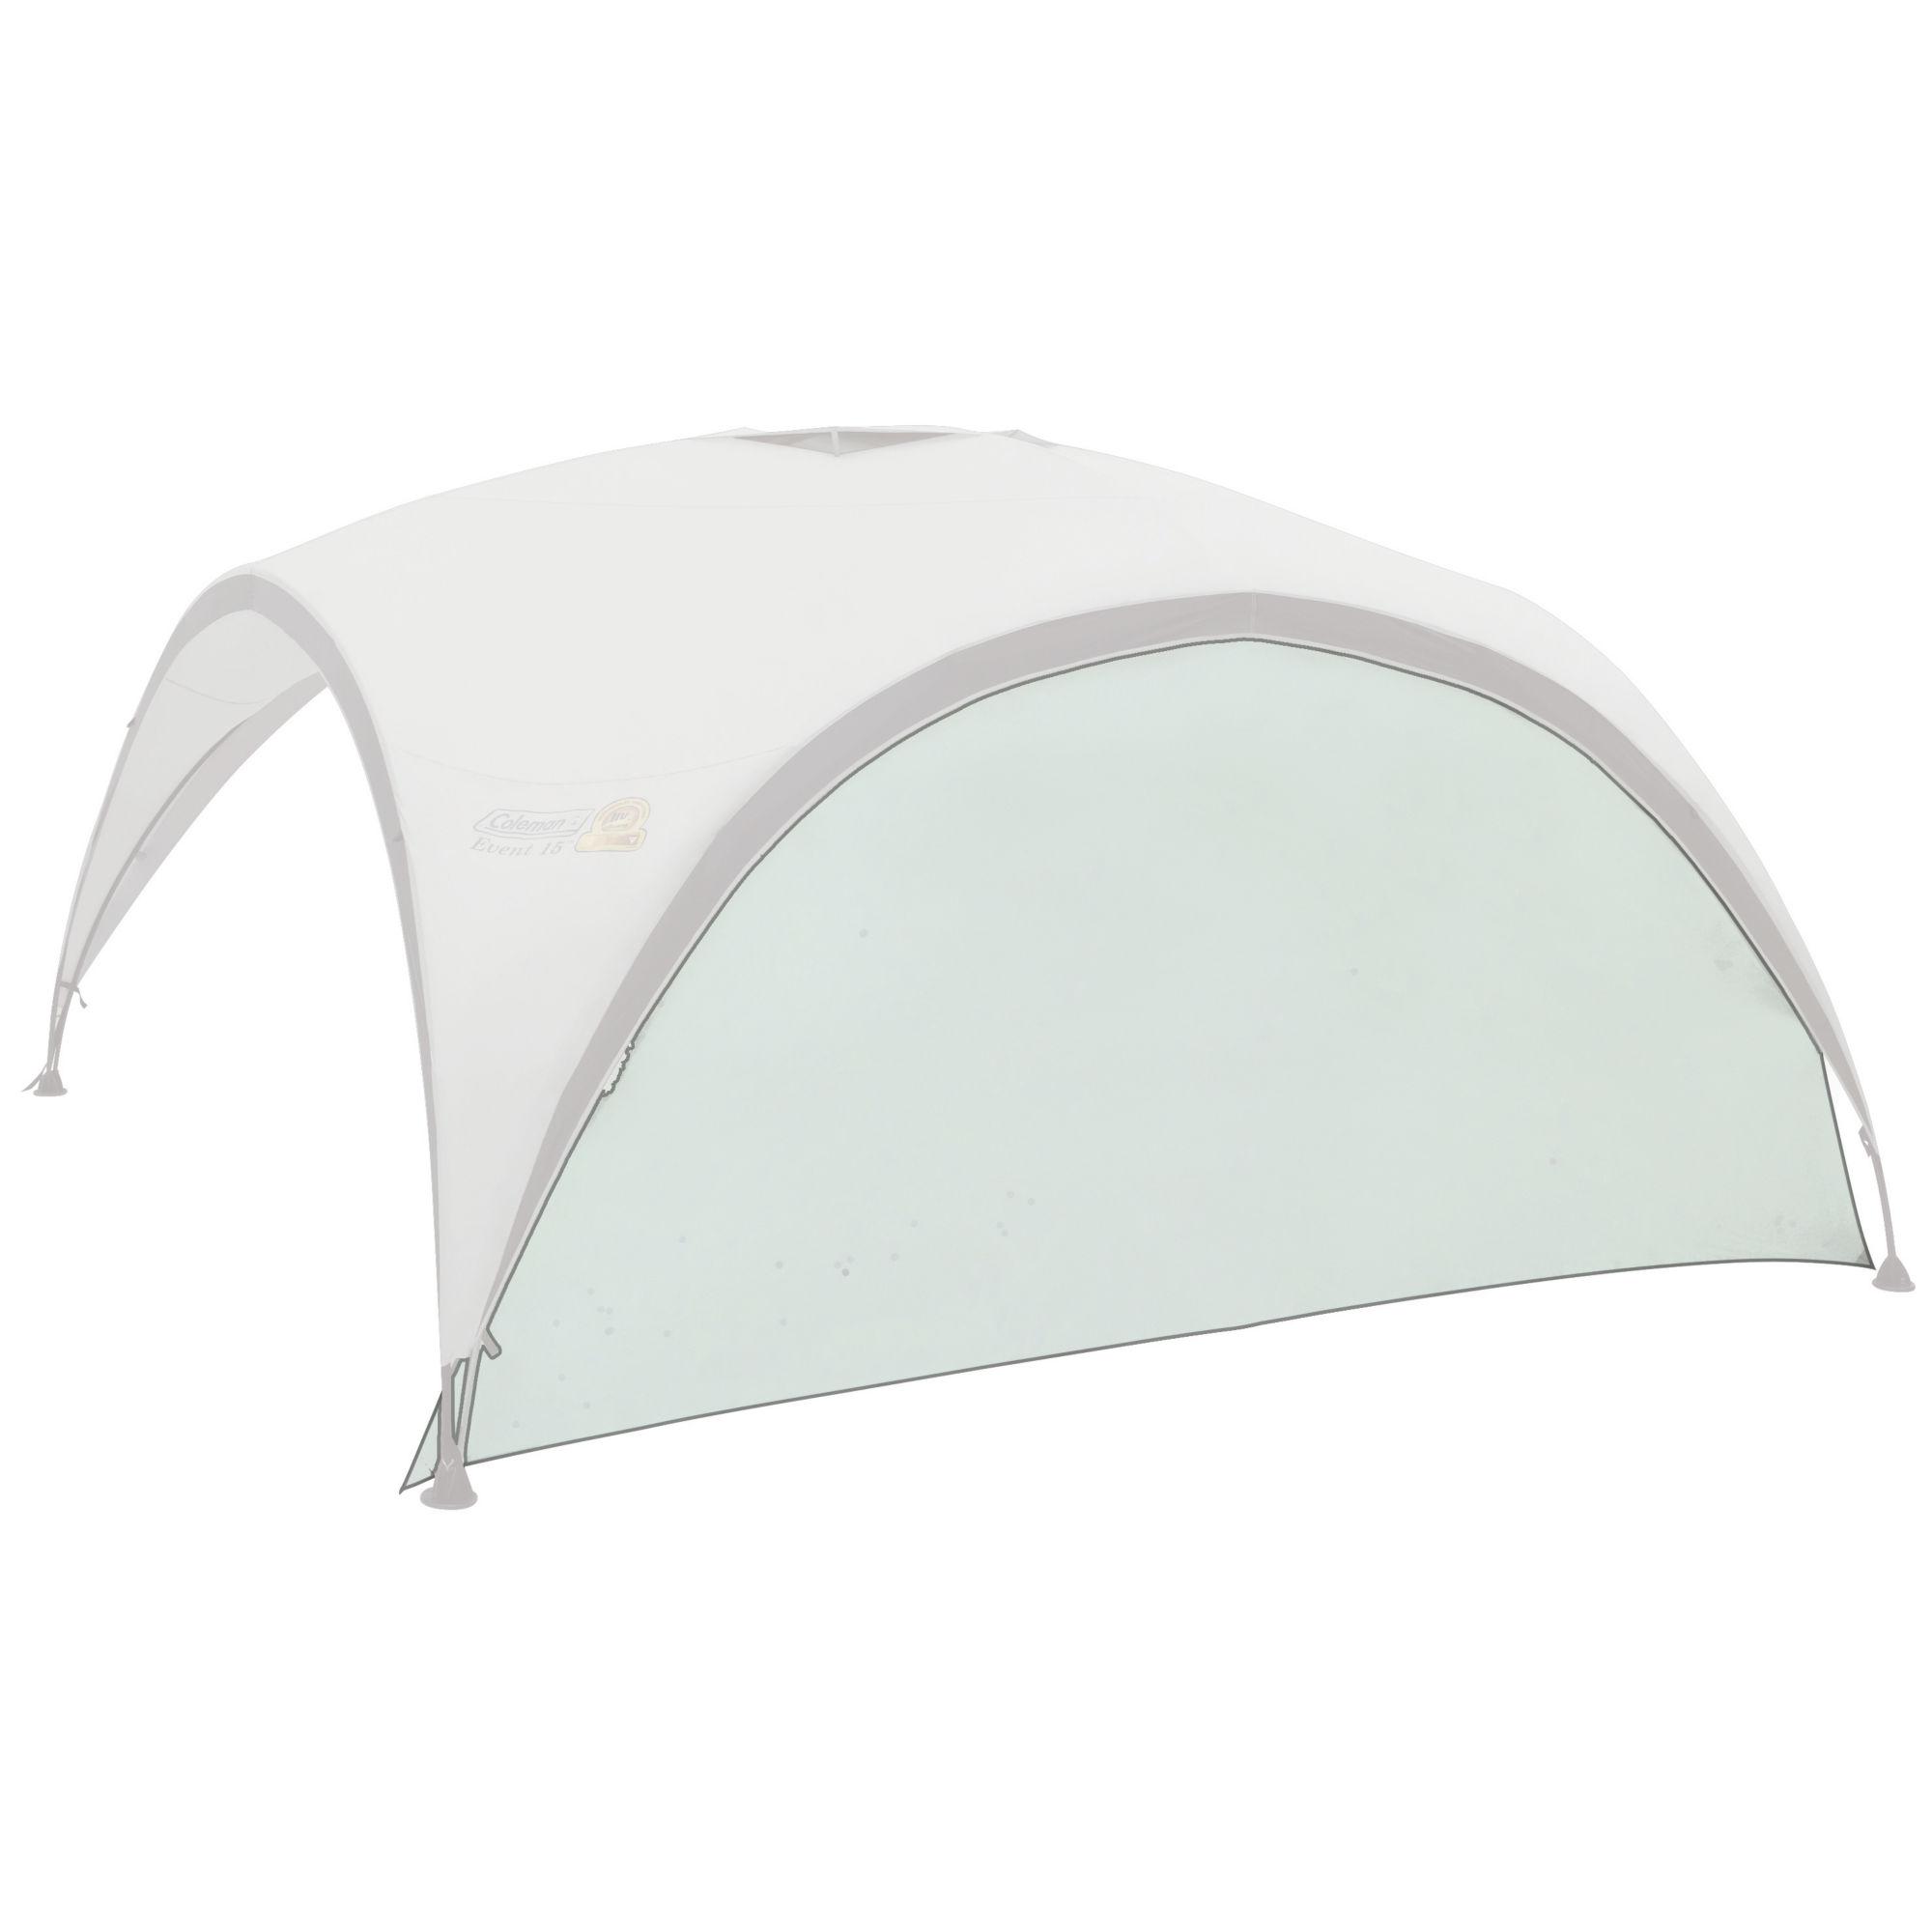 Event Shelter Pro XL zástěna stříbrná barva